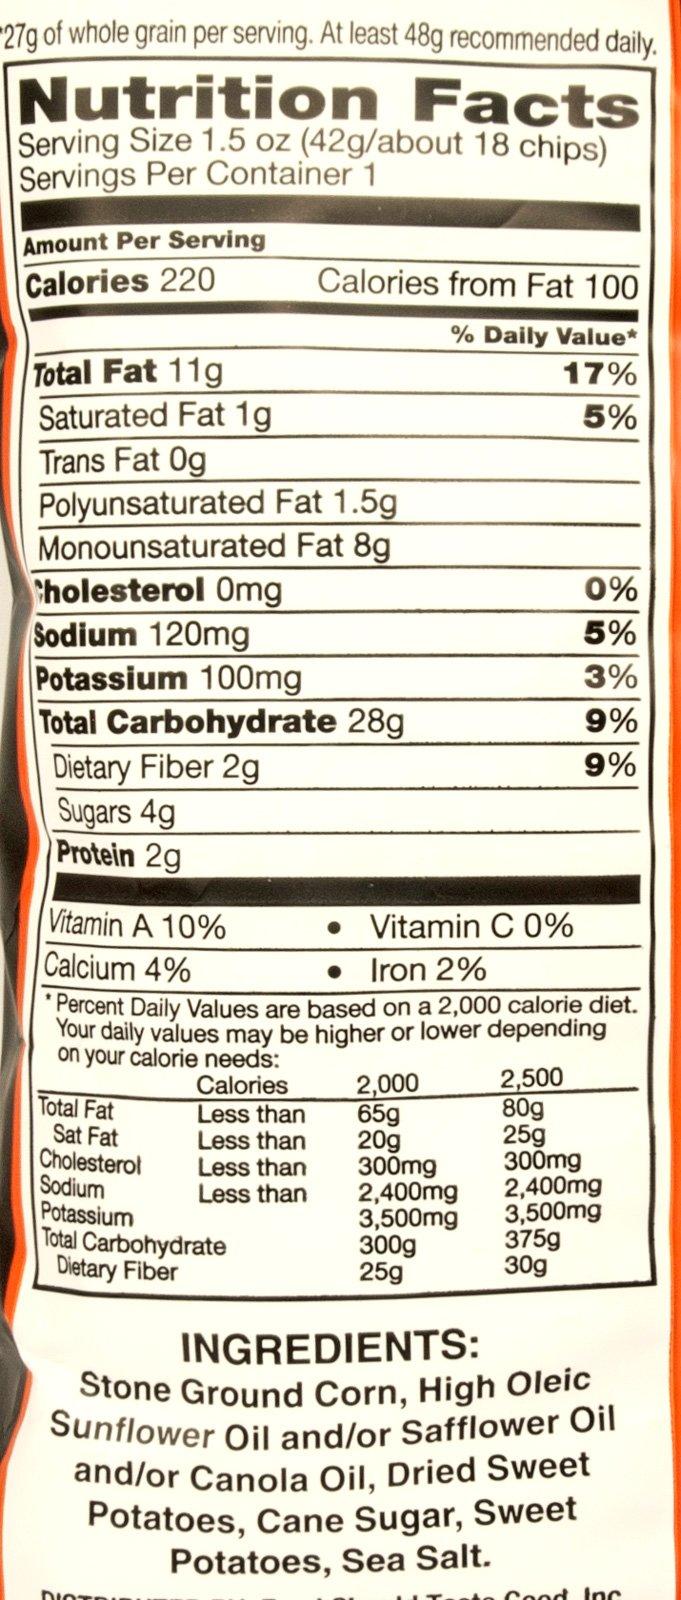 Food Should Taste Good Sweet Potato Tortilla Chips, 1.5 oz (Pack of 8)